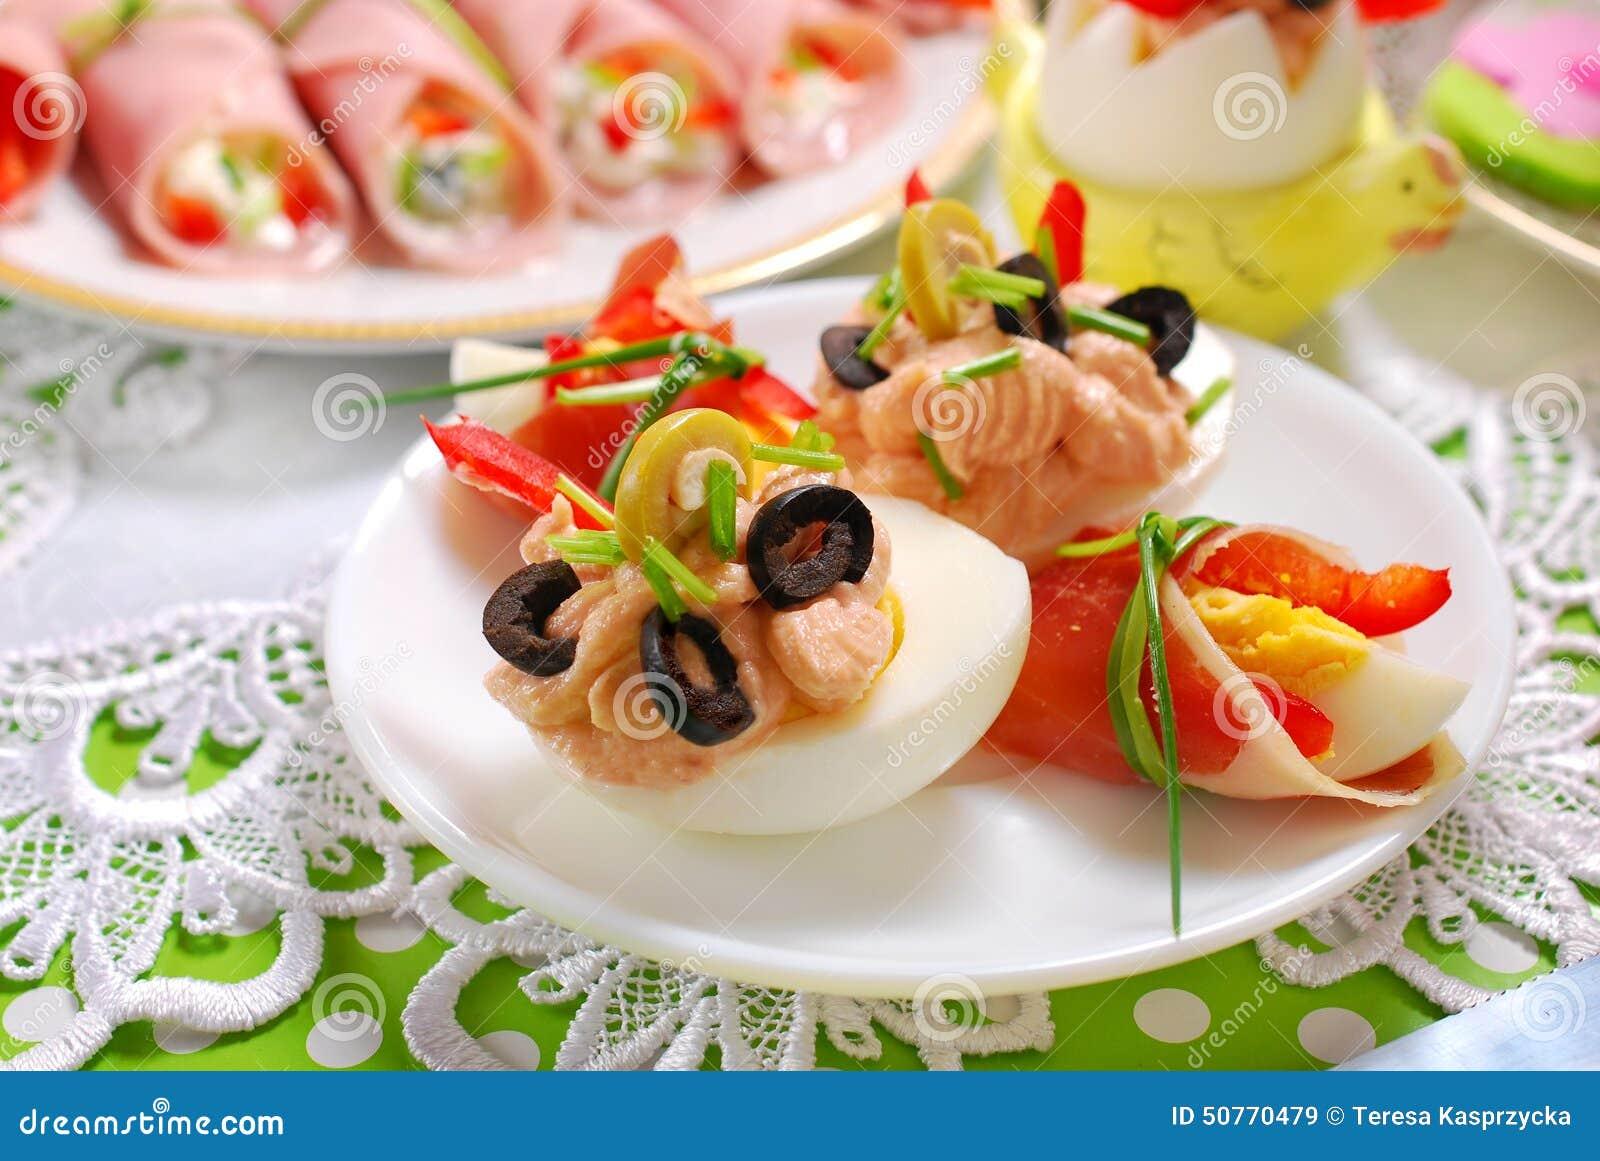 Jajka z tuńczykiem rozprzestrzeniającym i oliwkami dla Easter śniadania